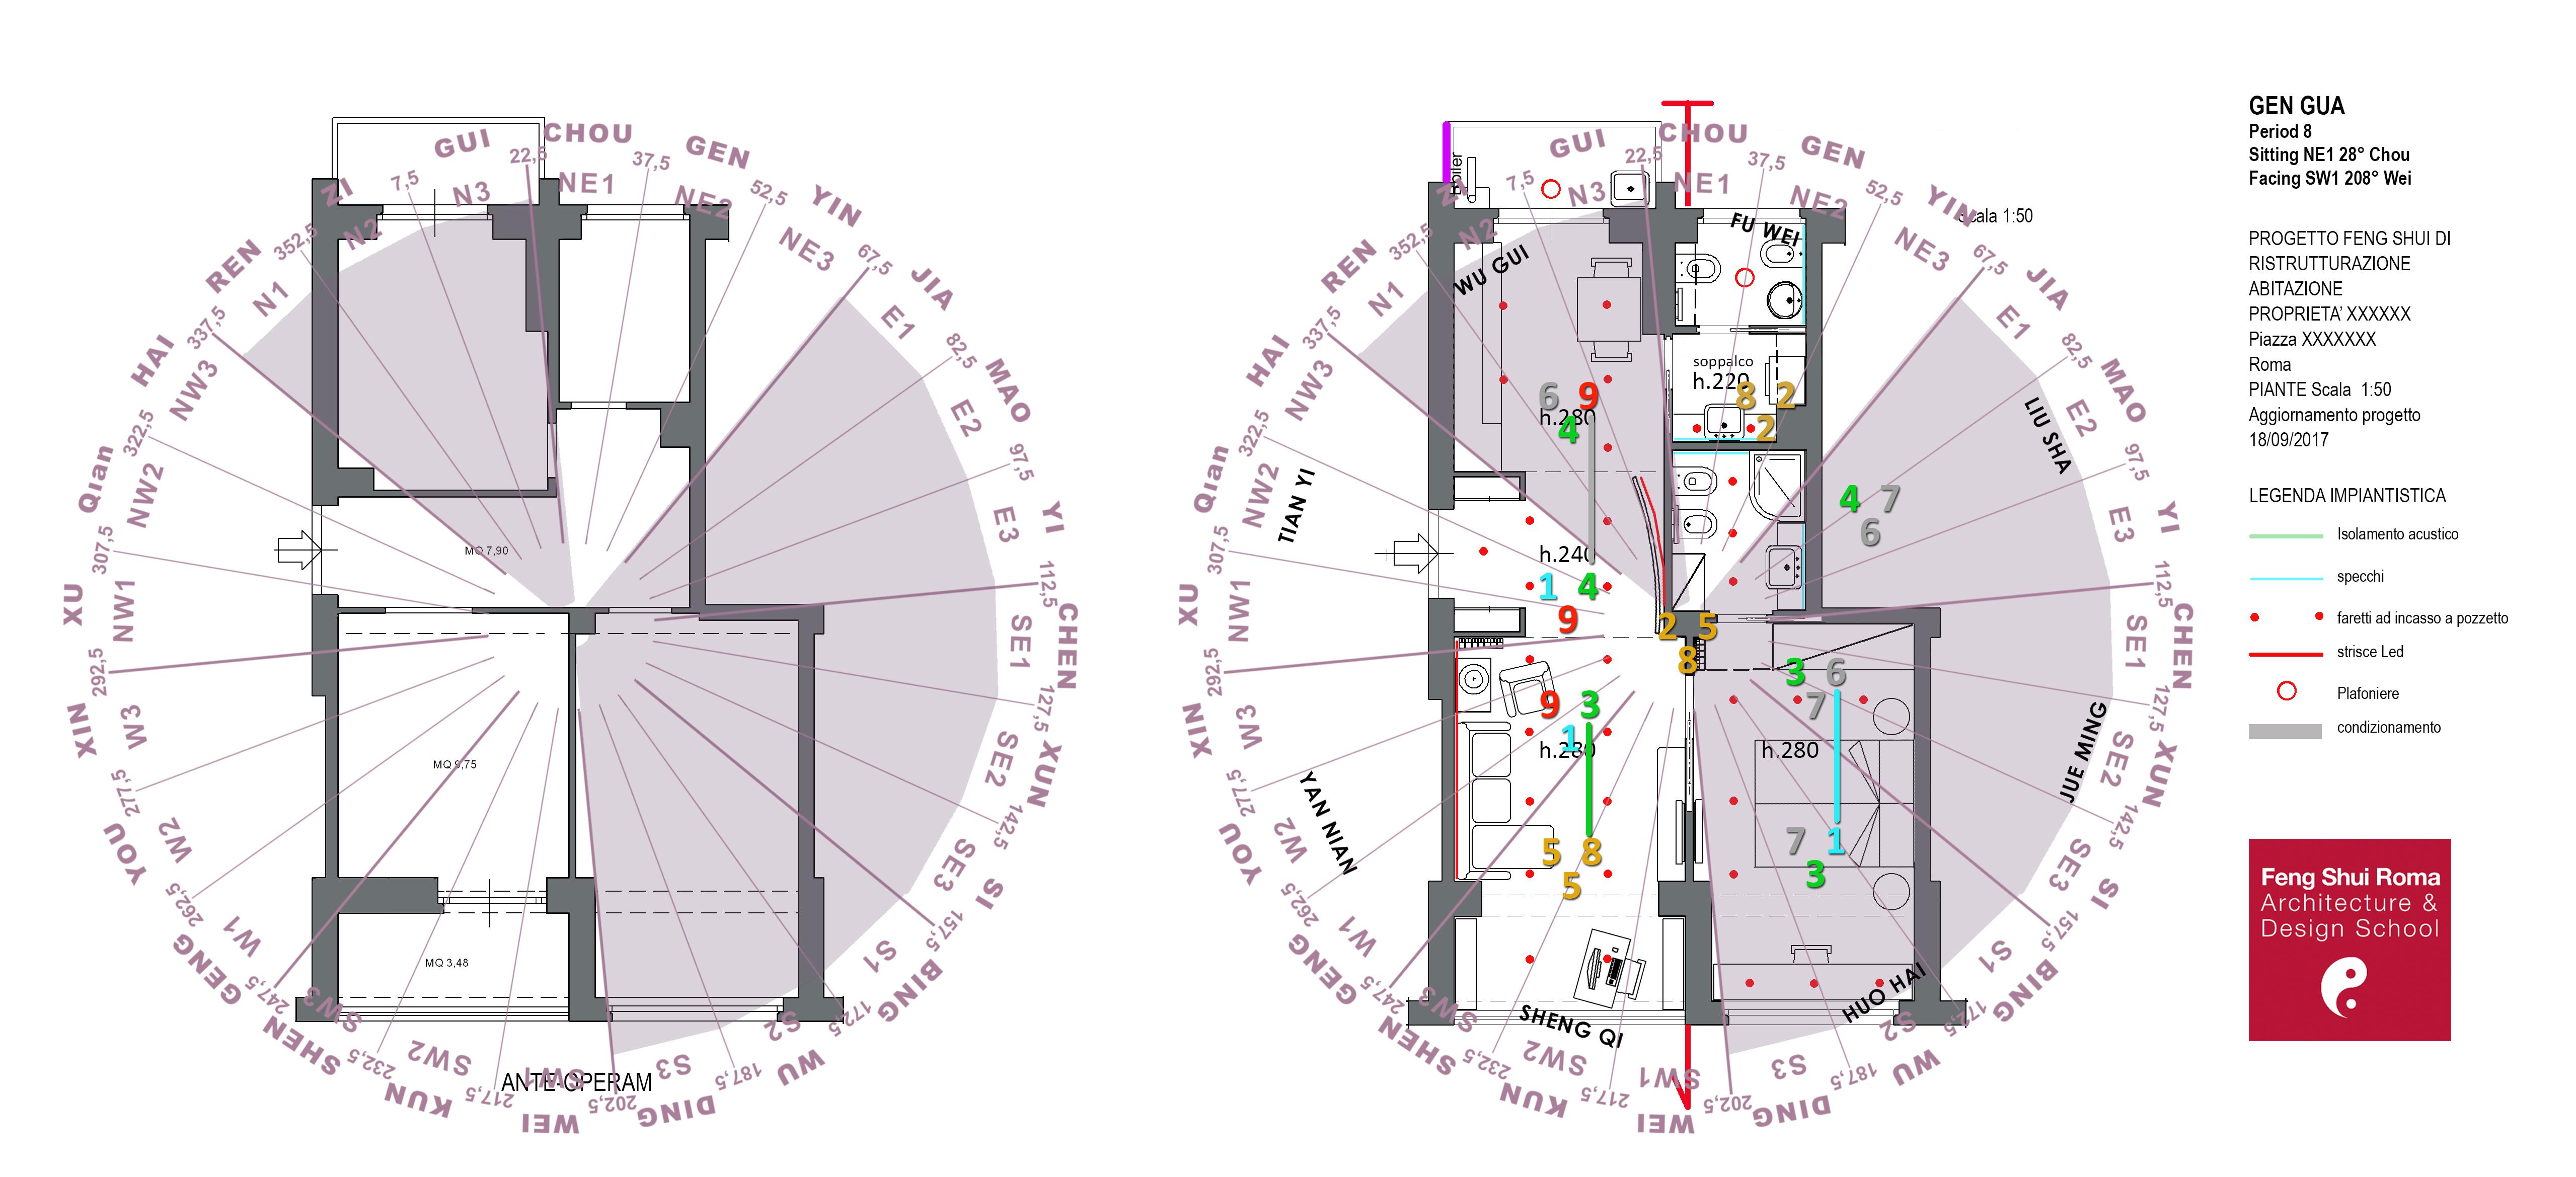 CORSO PROFESSIONALE DI FENG SHUI DELLA FORMA & BAZHAI MINJING 2020 @ FENG SHUI ROMA ARCHITCTURE &DESIGN SCHOOL